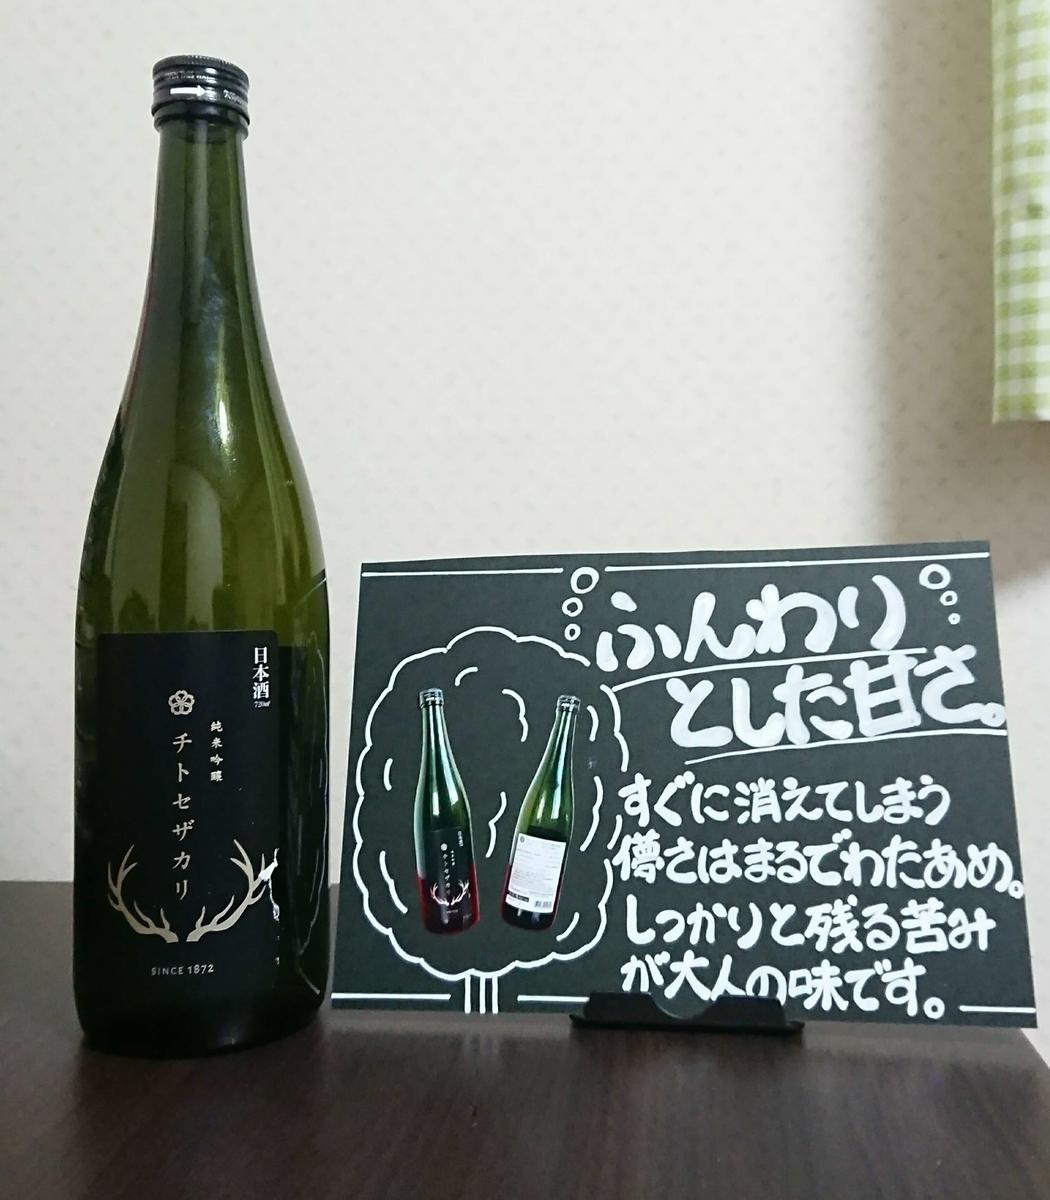 チトセザカリ純米吟醸:絹色の感想・評価:大人の味